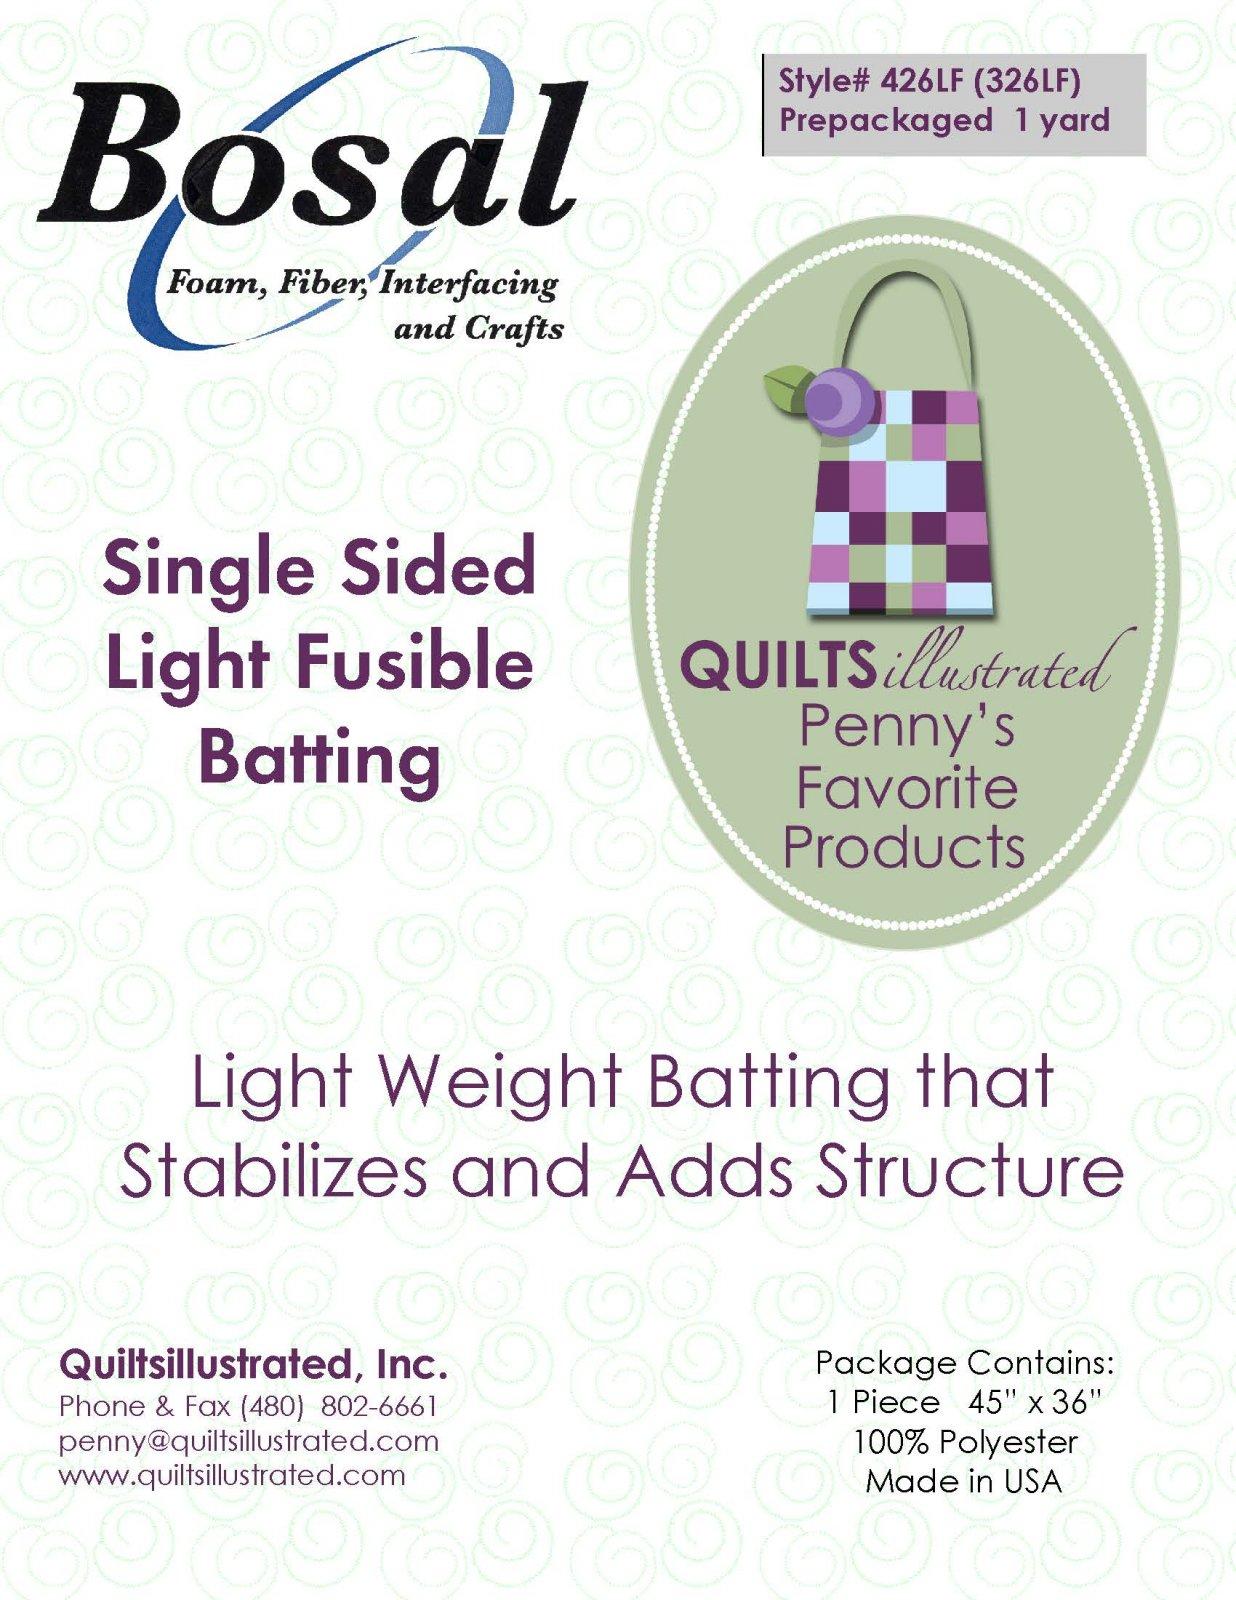 Bosal (326LF)426LF Light Fusible Batting, 1 yard package